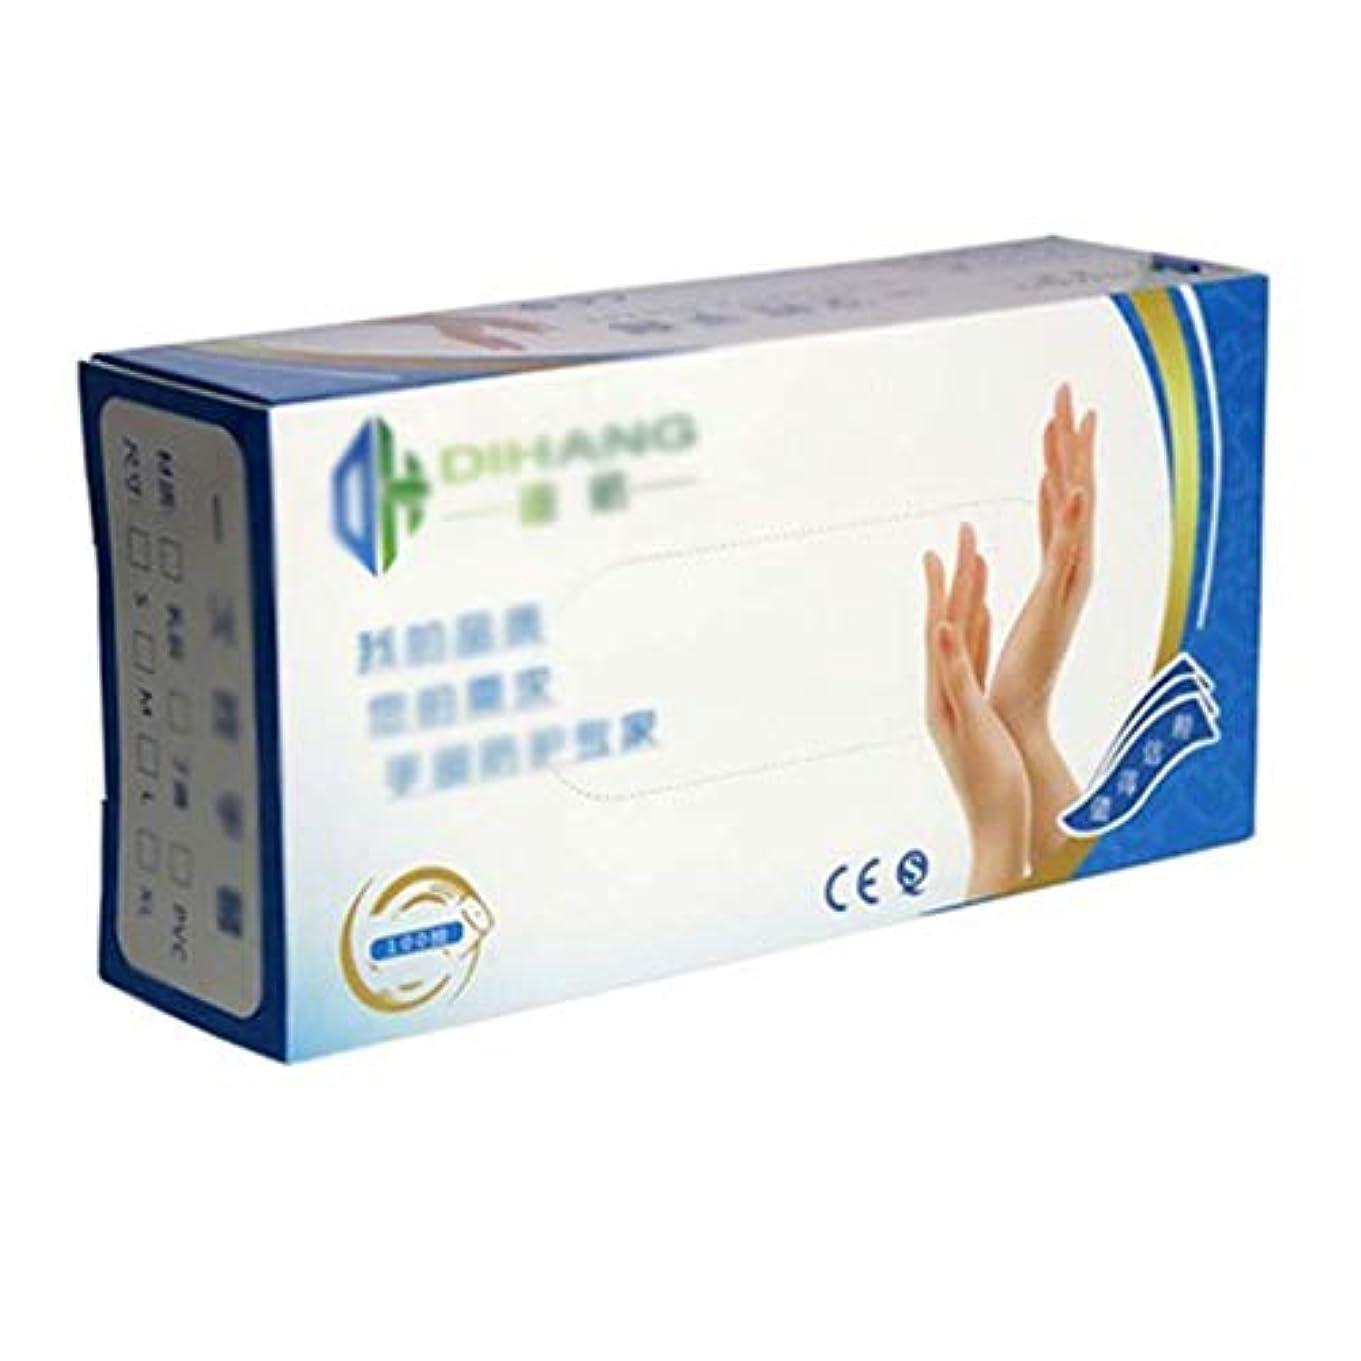 解放気味の悪い部門食品グレードの使い捨てPVC手袋、100枚の医療実験用プラスチックフィルム美容サロンケータリング透明衛生手袋